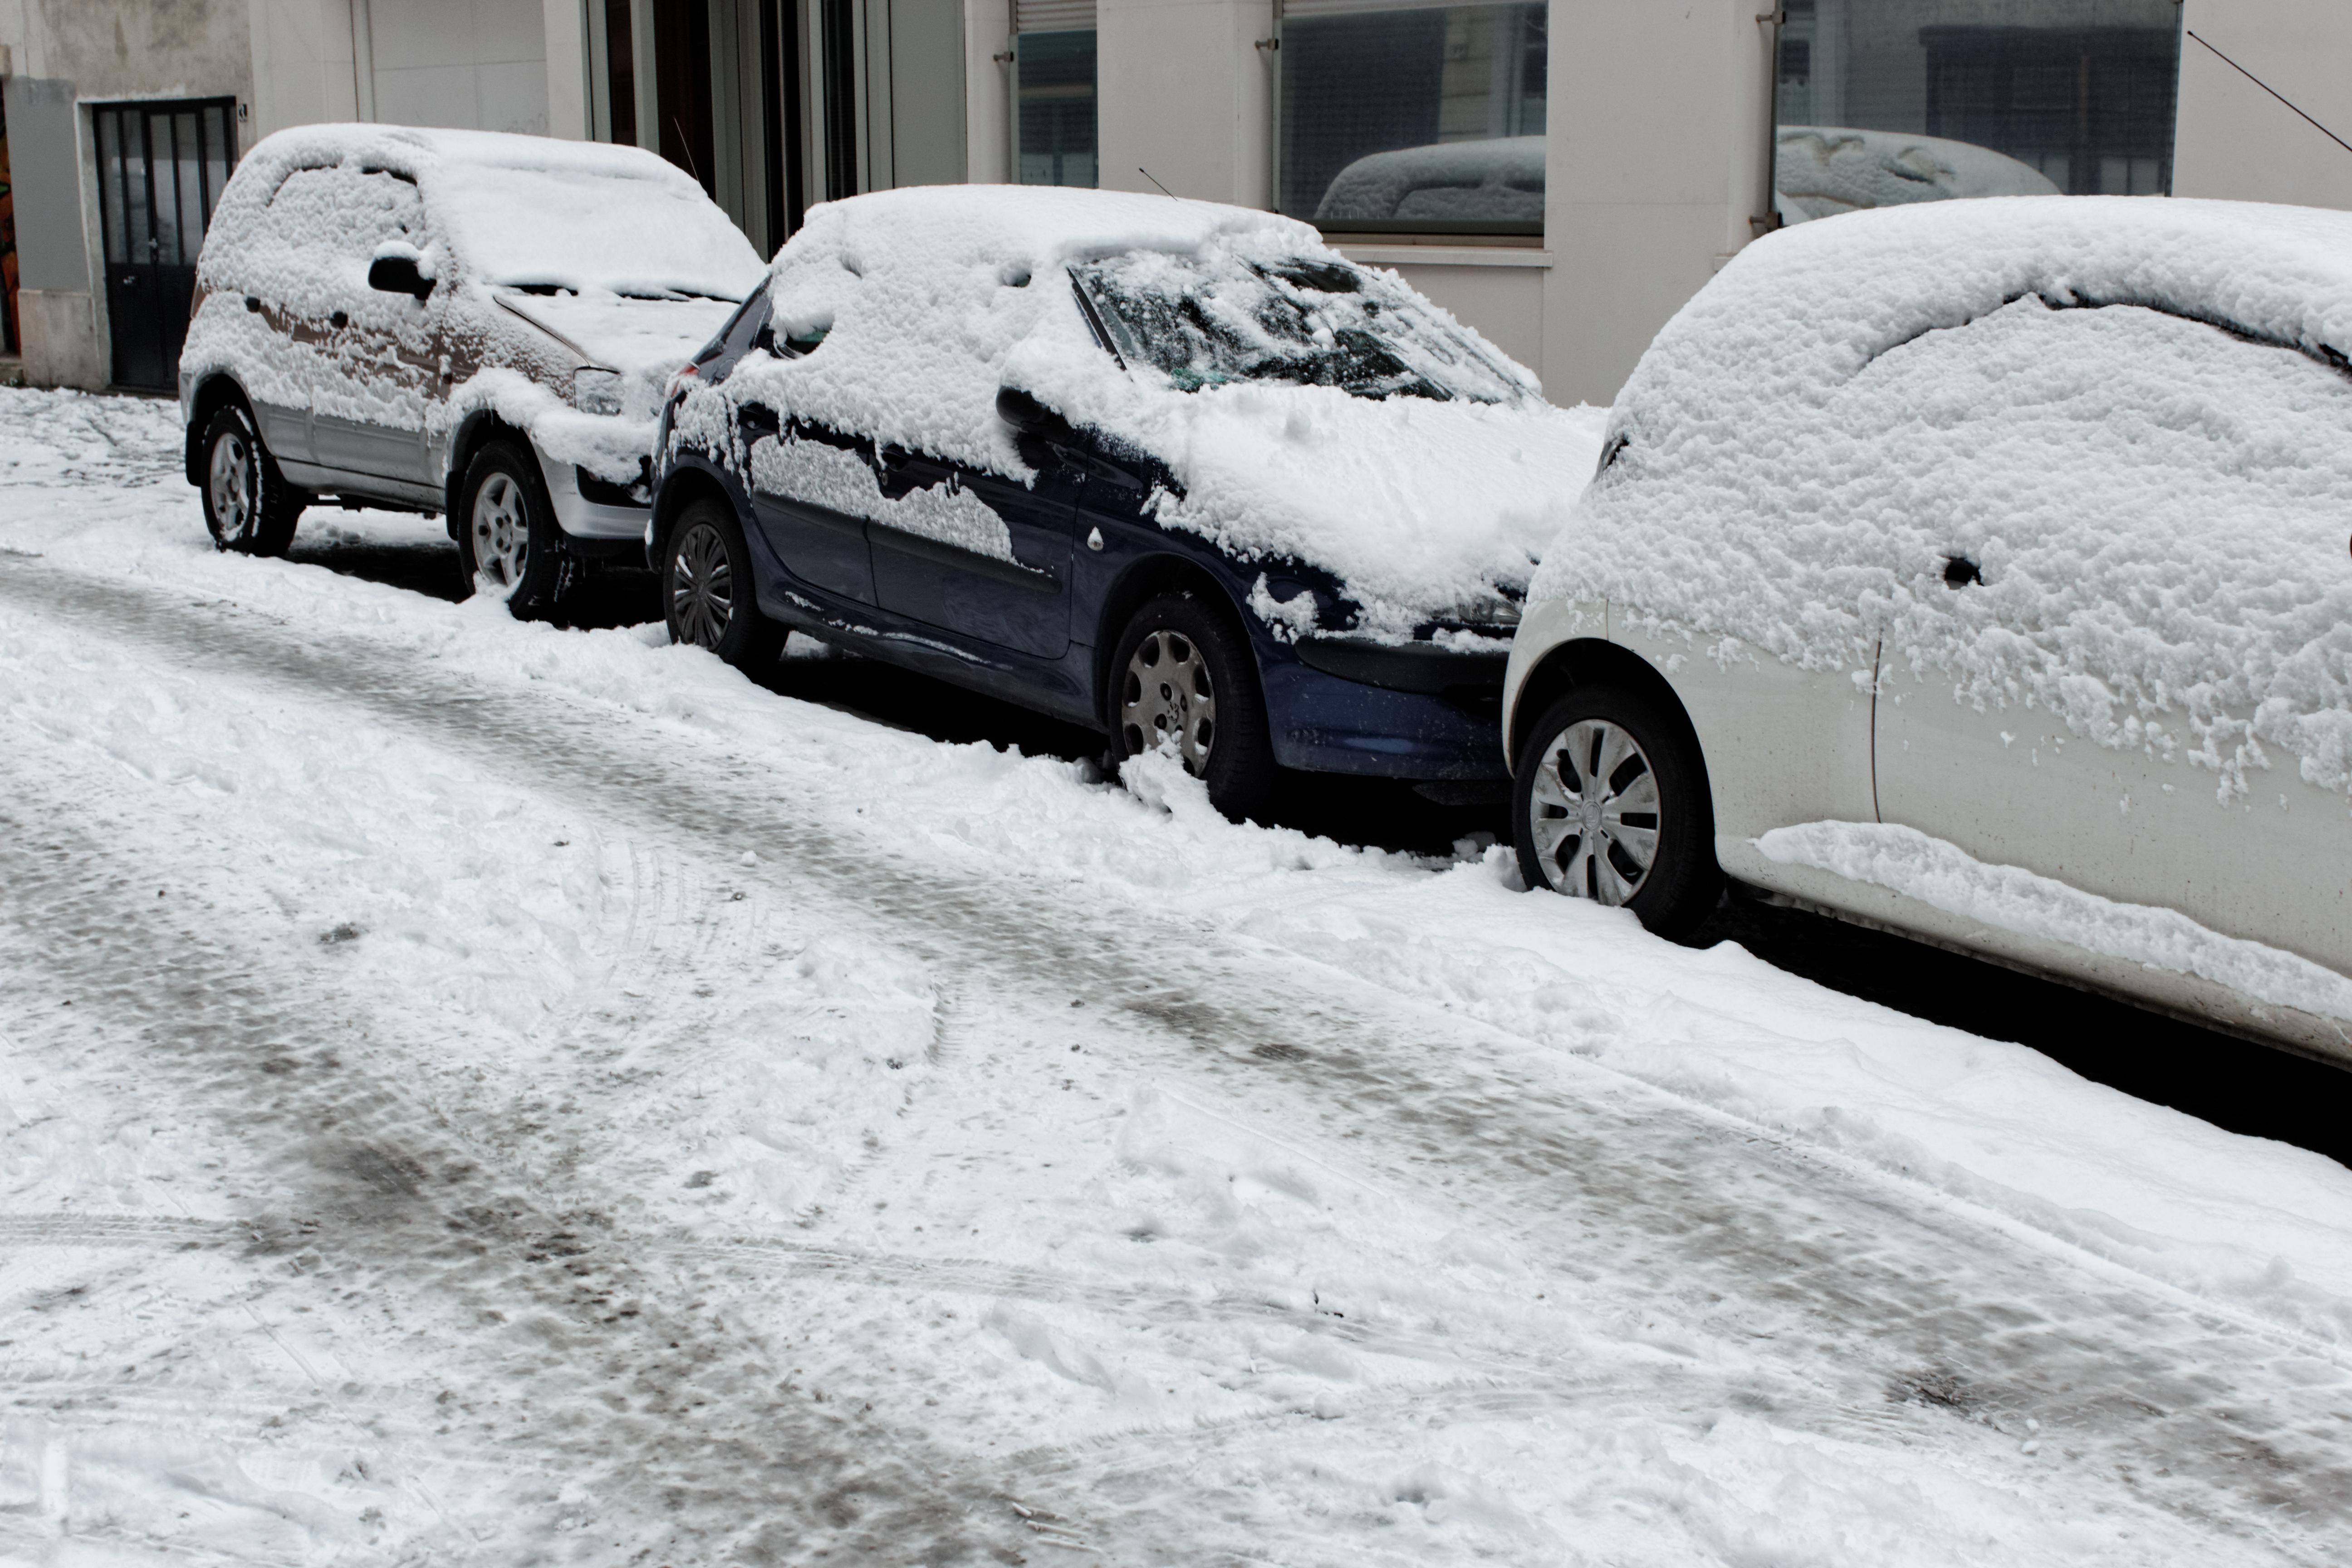 Glissement de neige sur mon auto